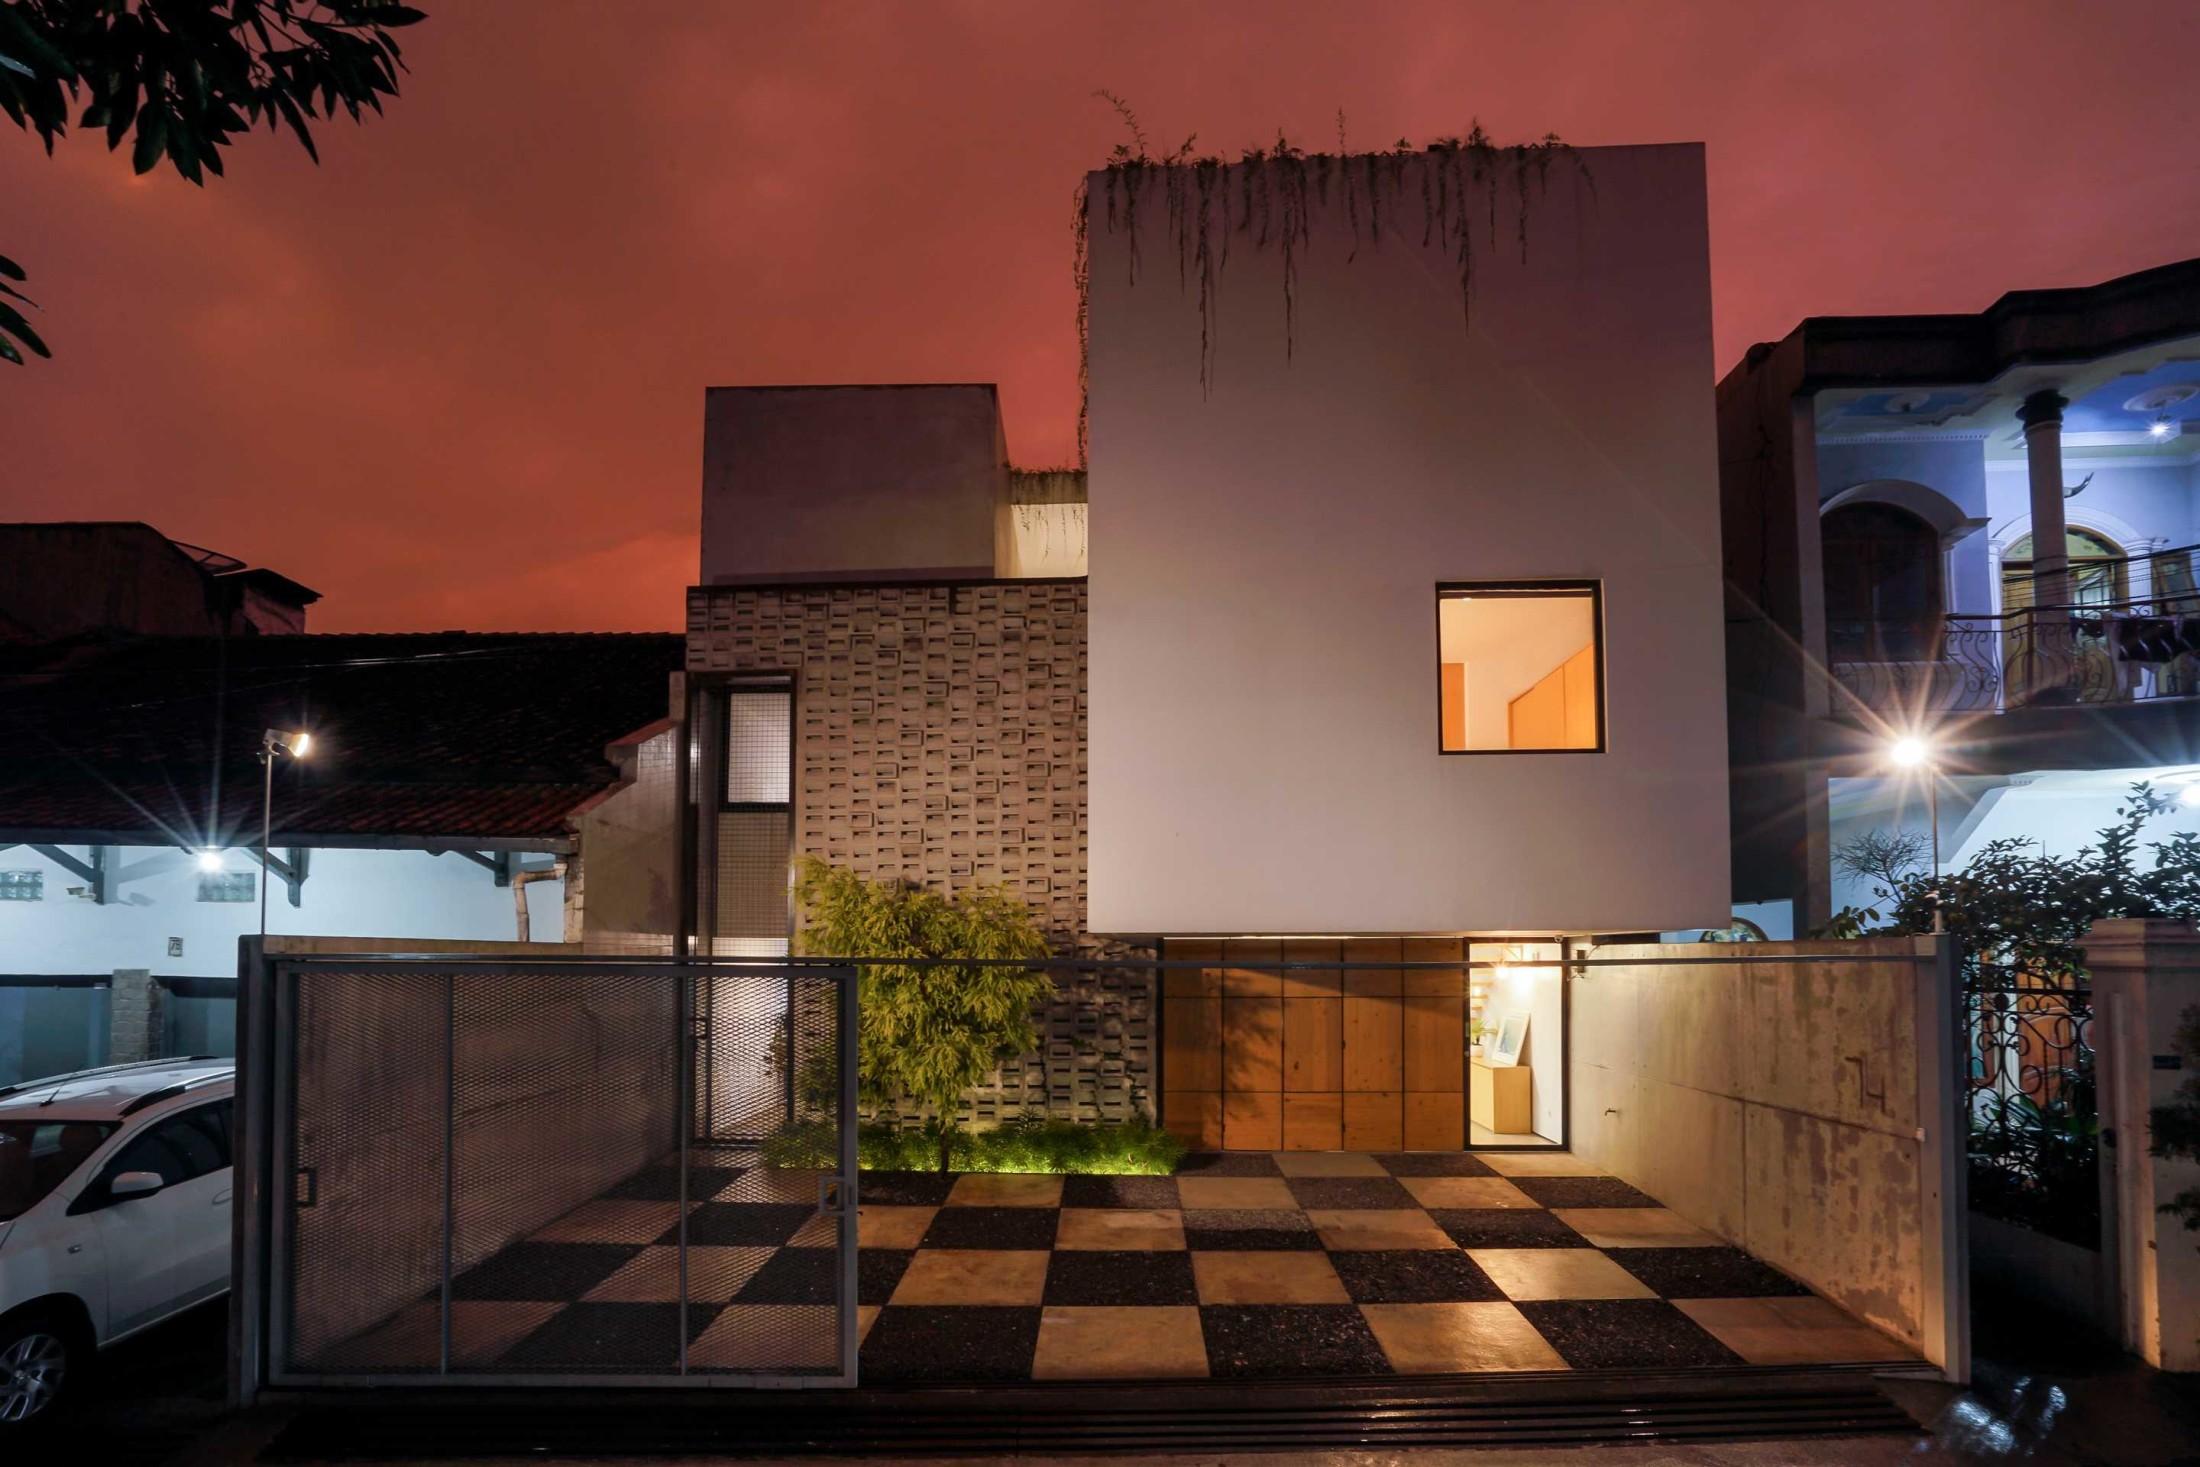 Tata pencahayaan membuat rumah minimalis tampak keren (Sumber: arsitag.com)